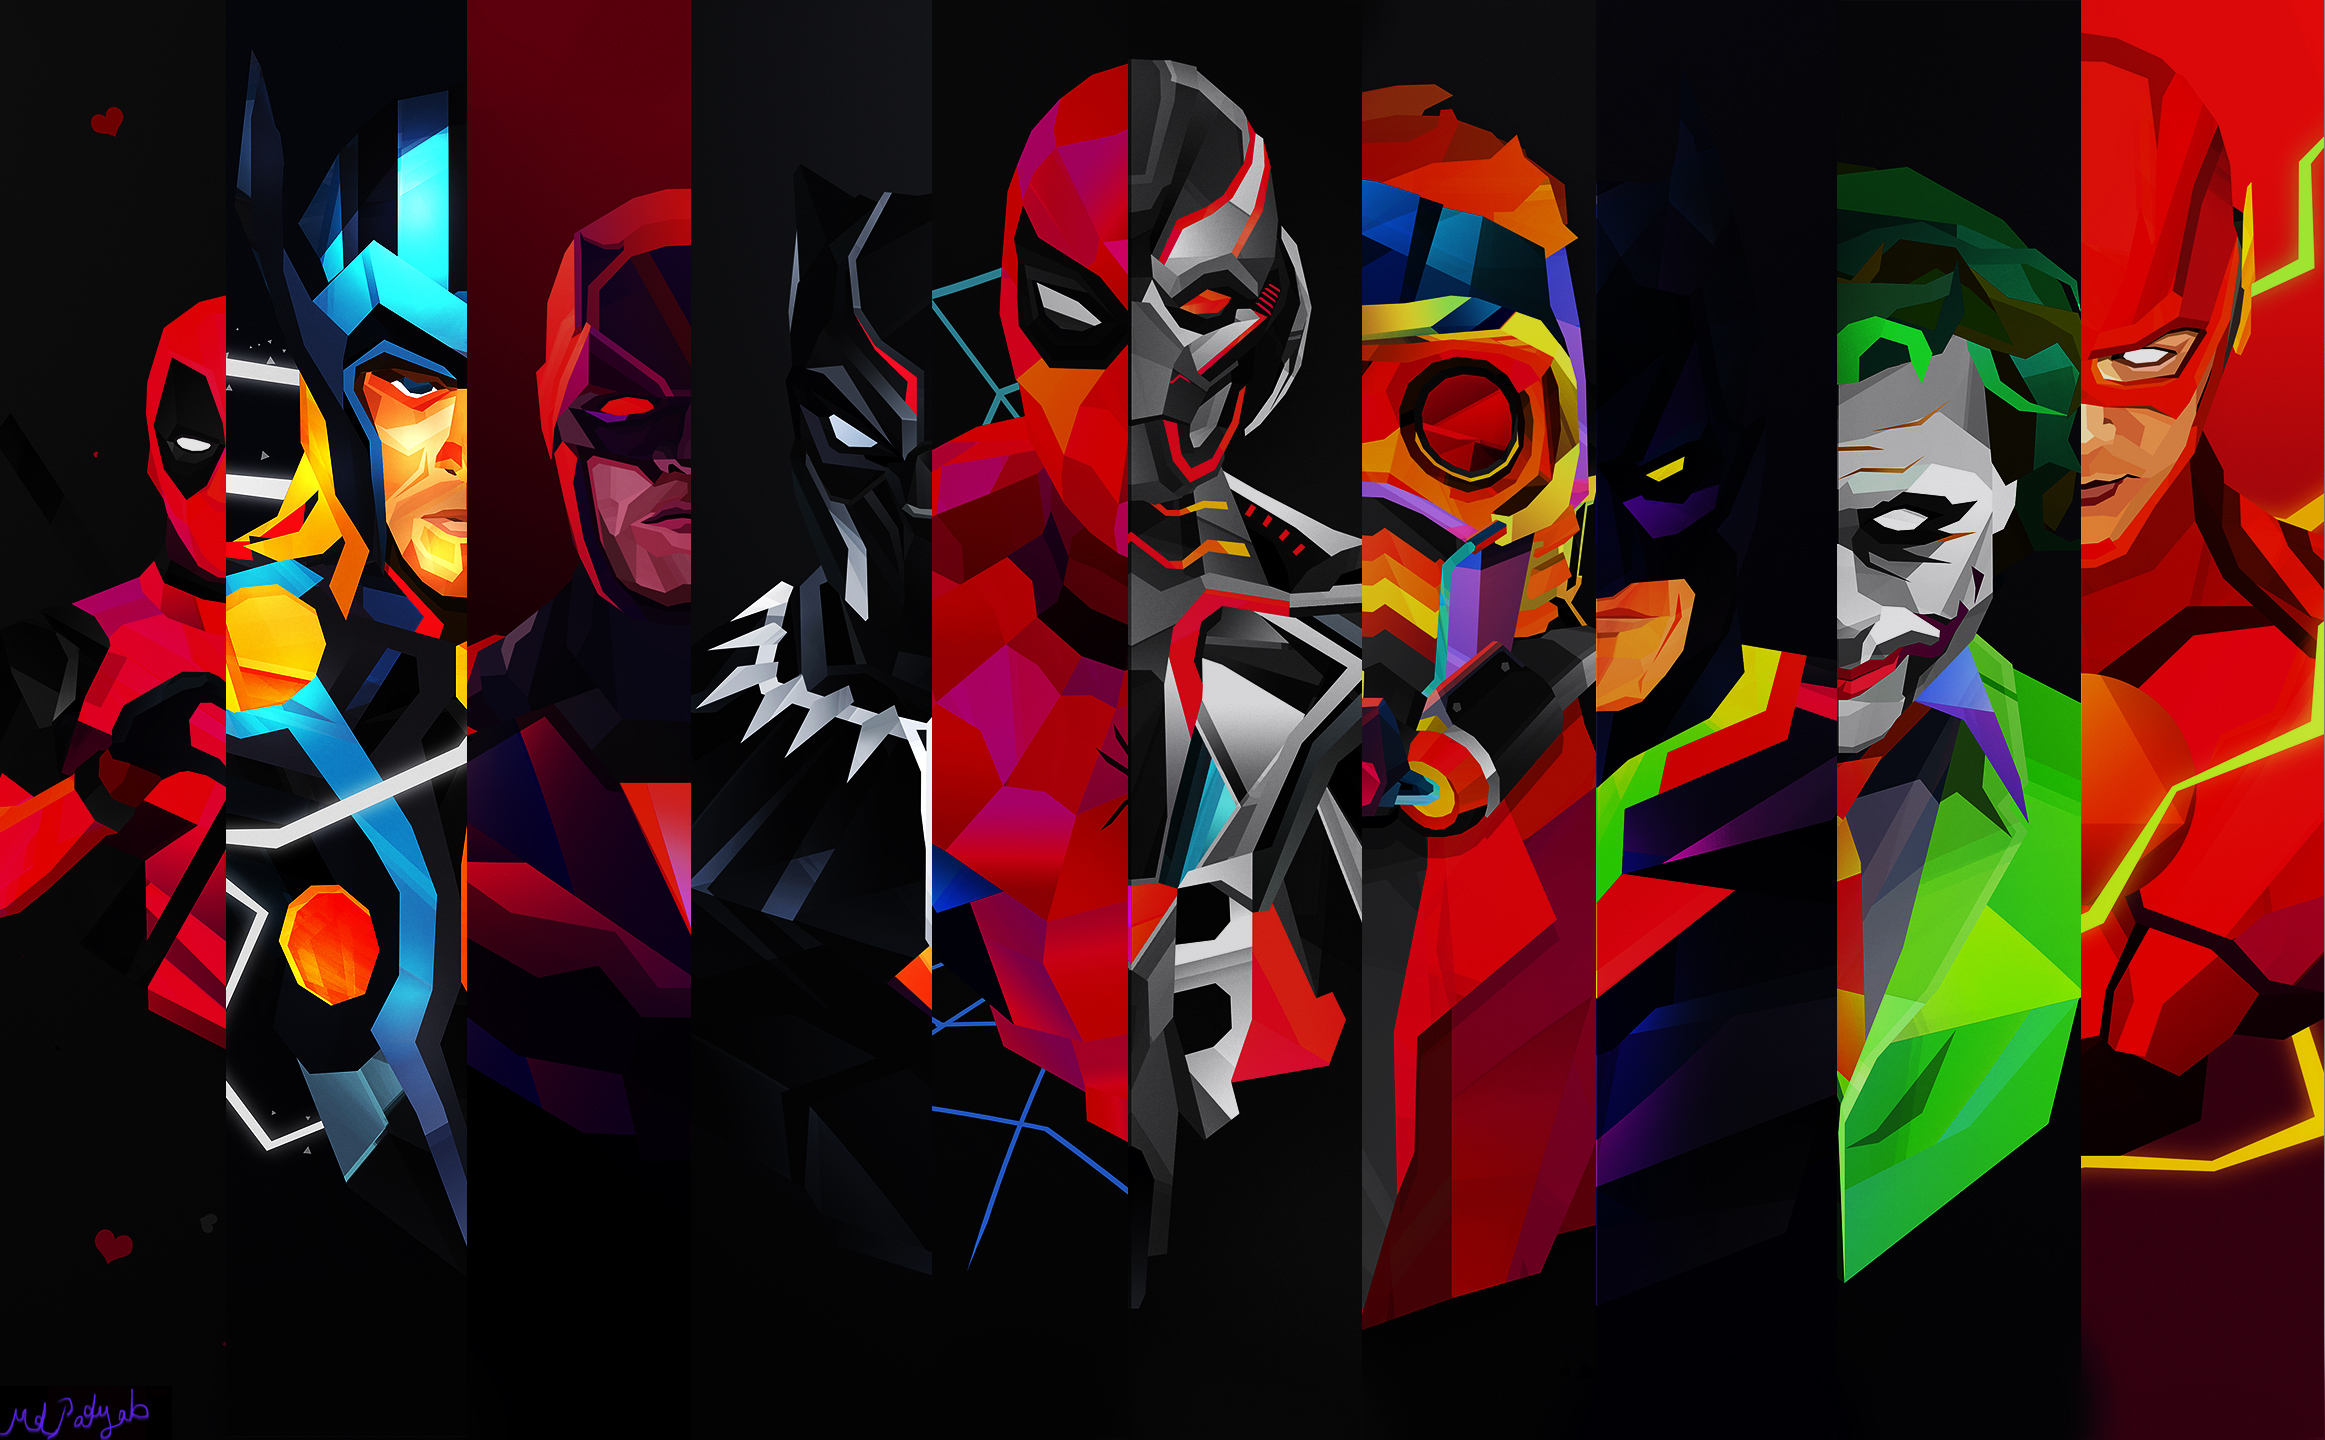 Flash Joker Batman Spider Man Thor Star Lord Black Panther Marvel Comics Deadpool Daredevil Ultron Wallpaper Resolution 2325x1440 Id 68626 Wallha Com